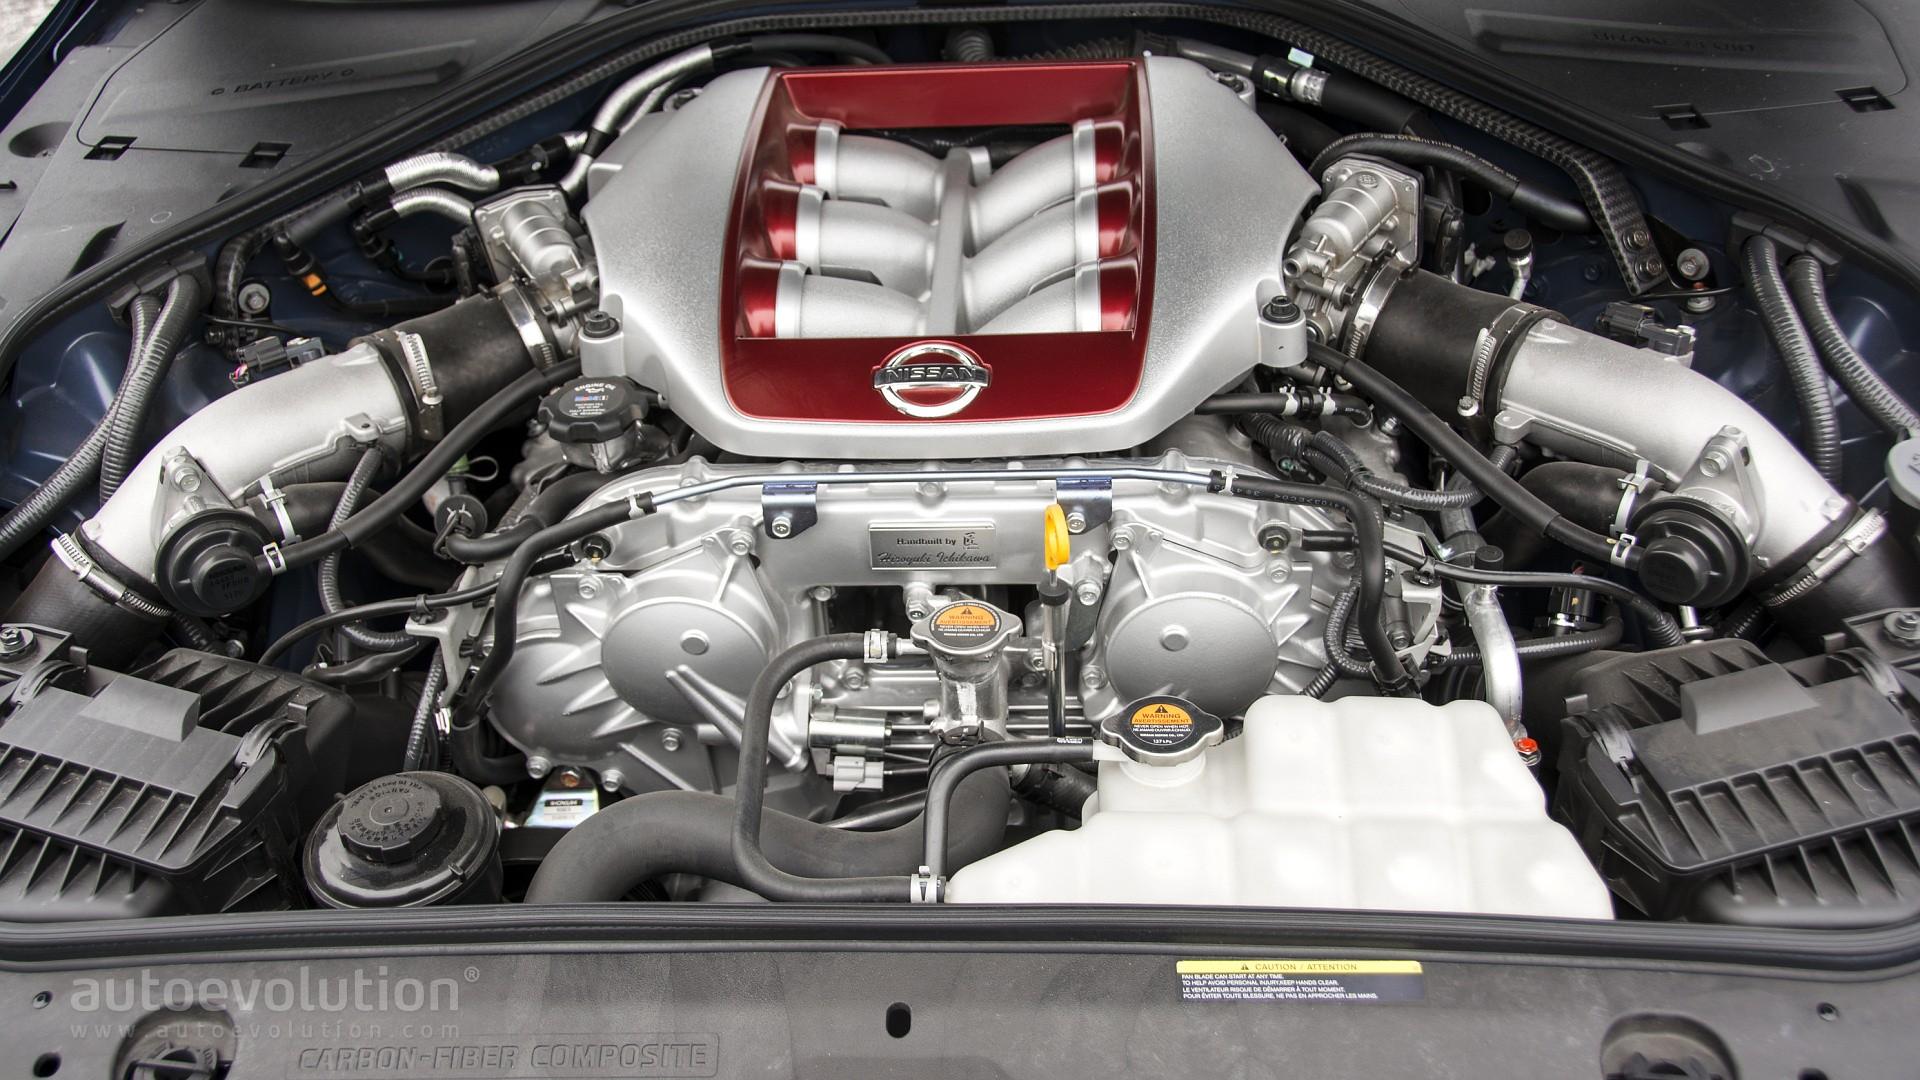 2016 nissan gt-r review - autoevolution